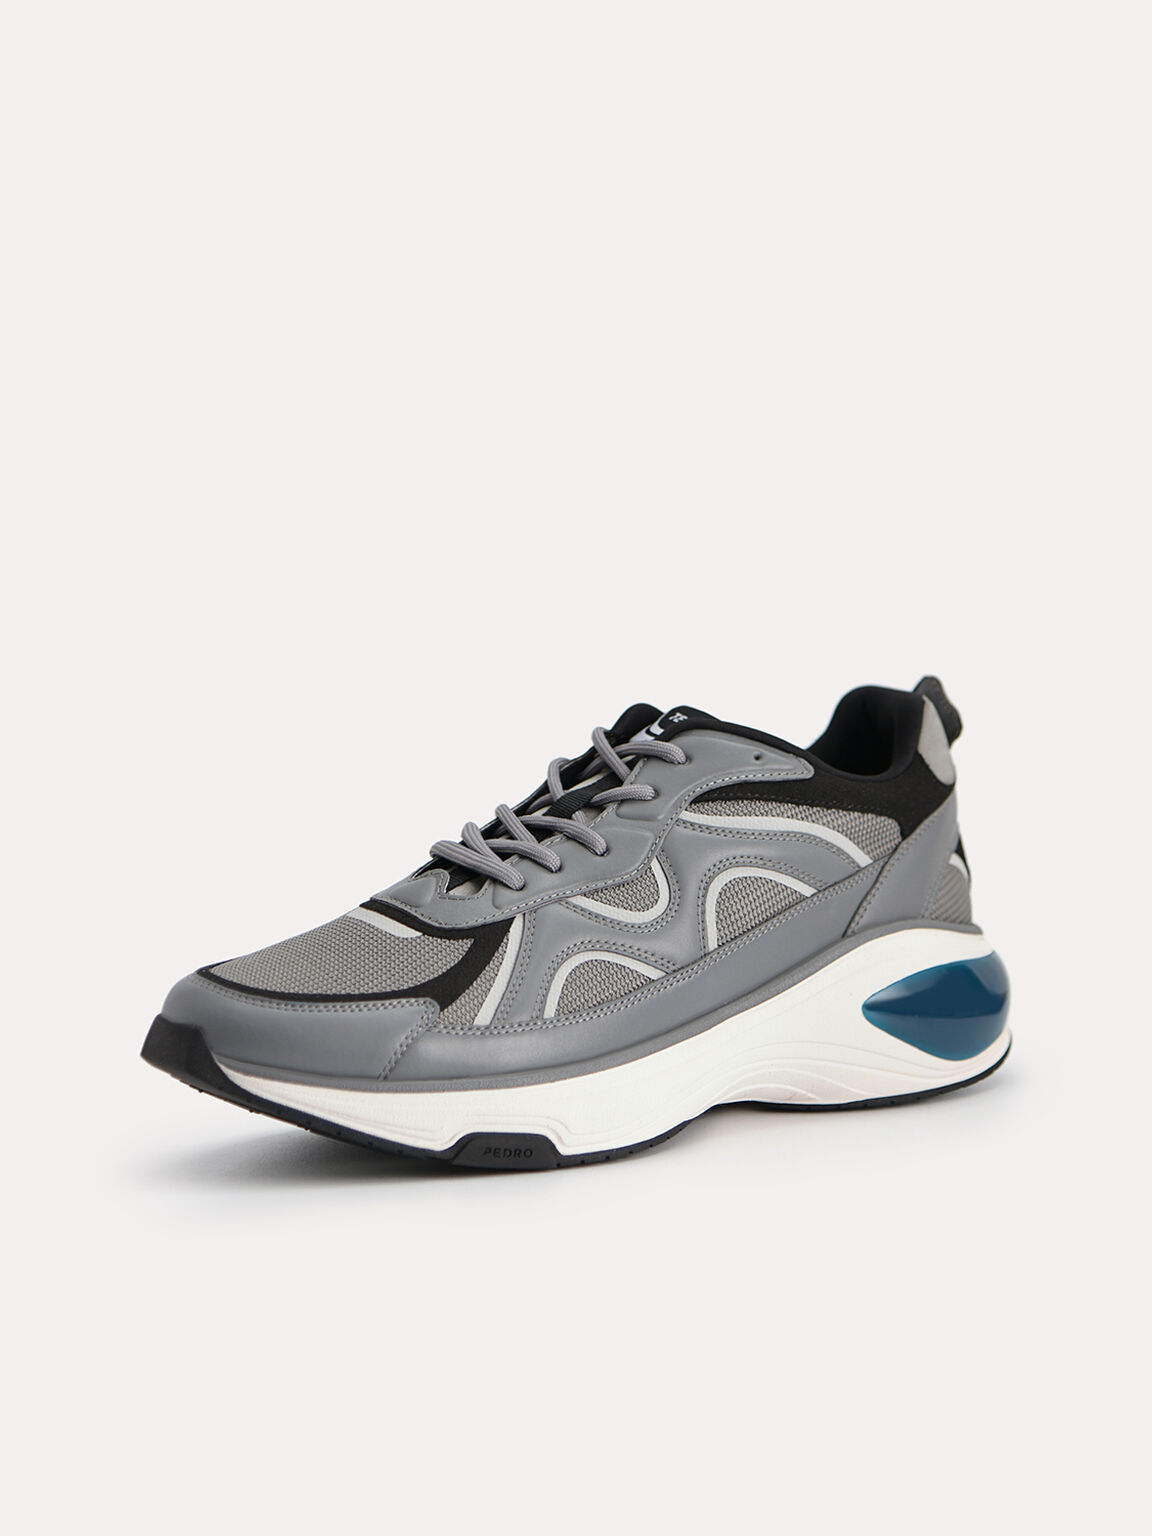 Tectonic Sneakers, Grey, hi-res